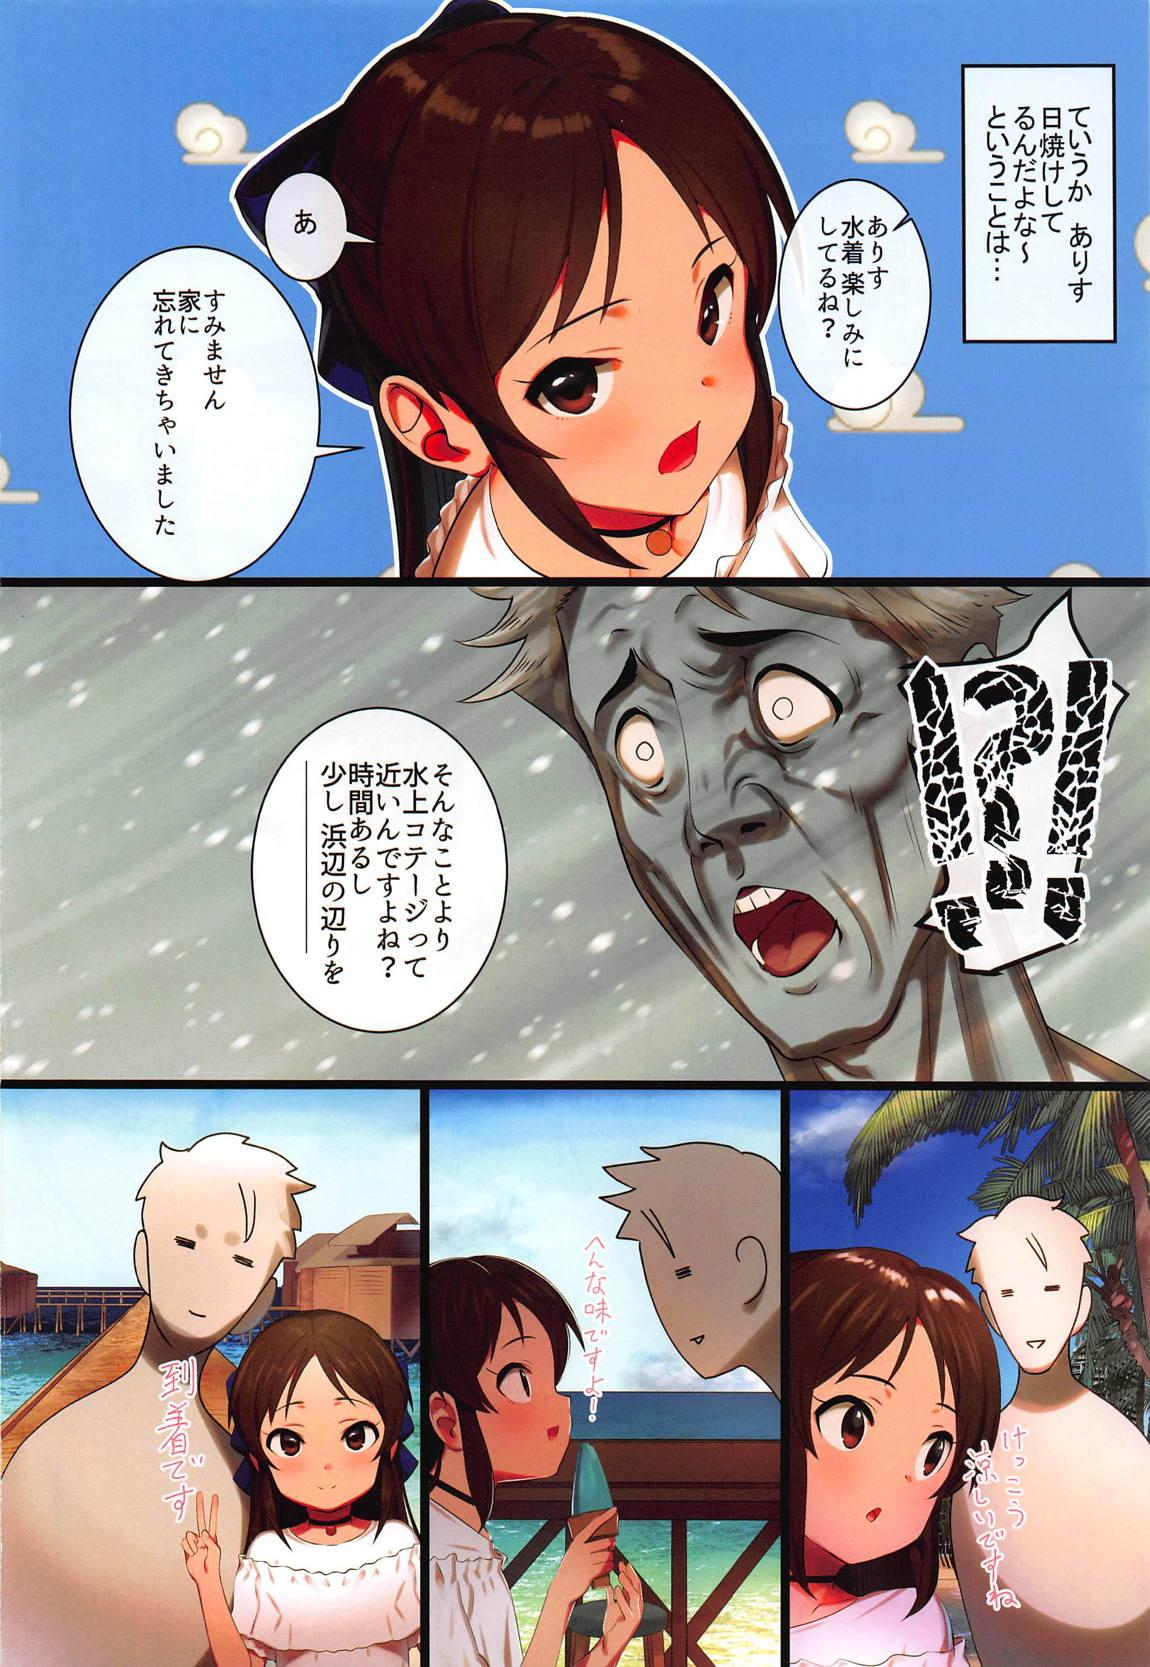 Arisu to Issho no Natsuyasumi 2